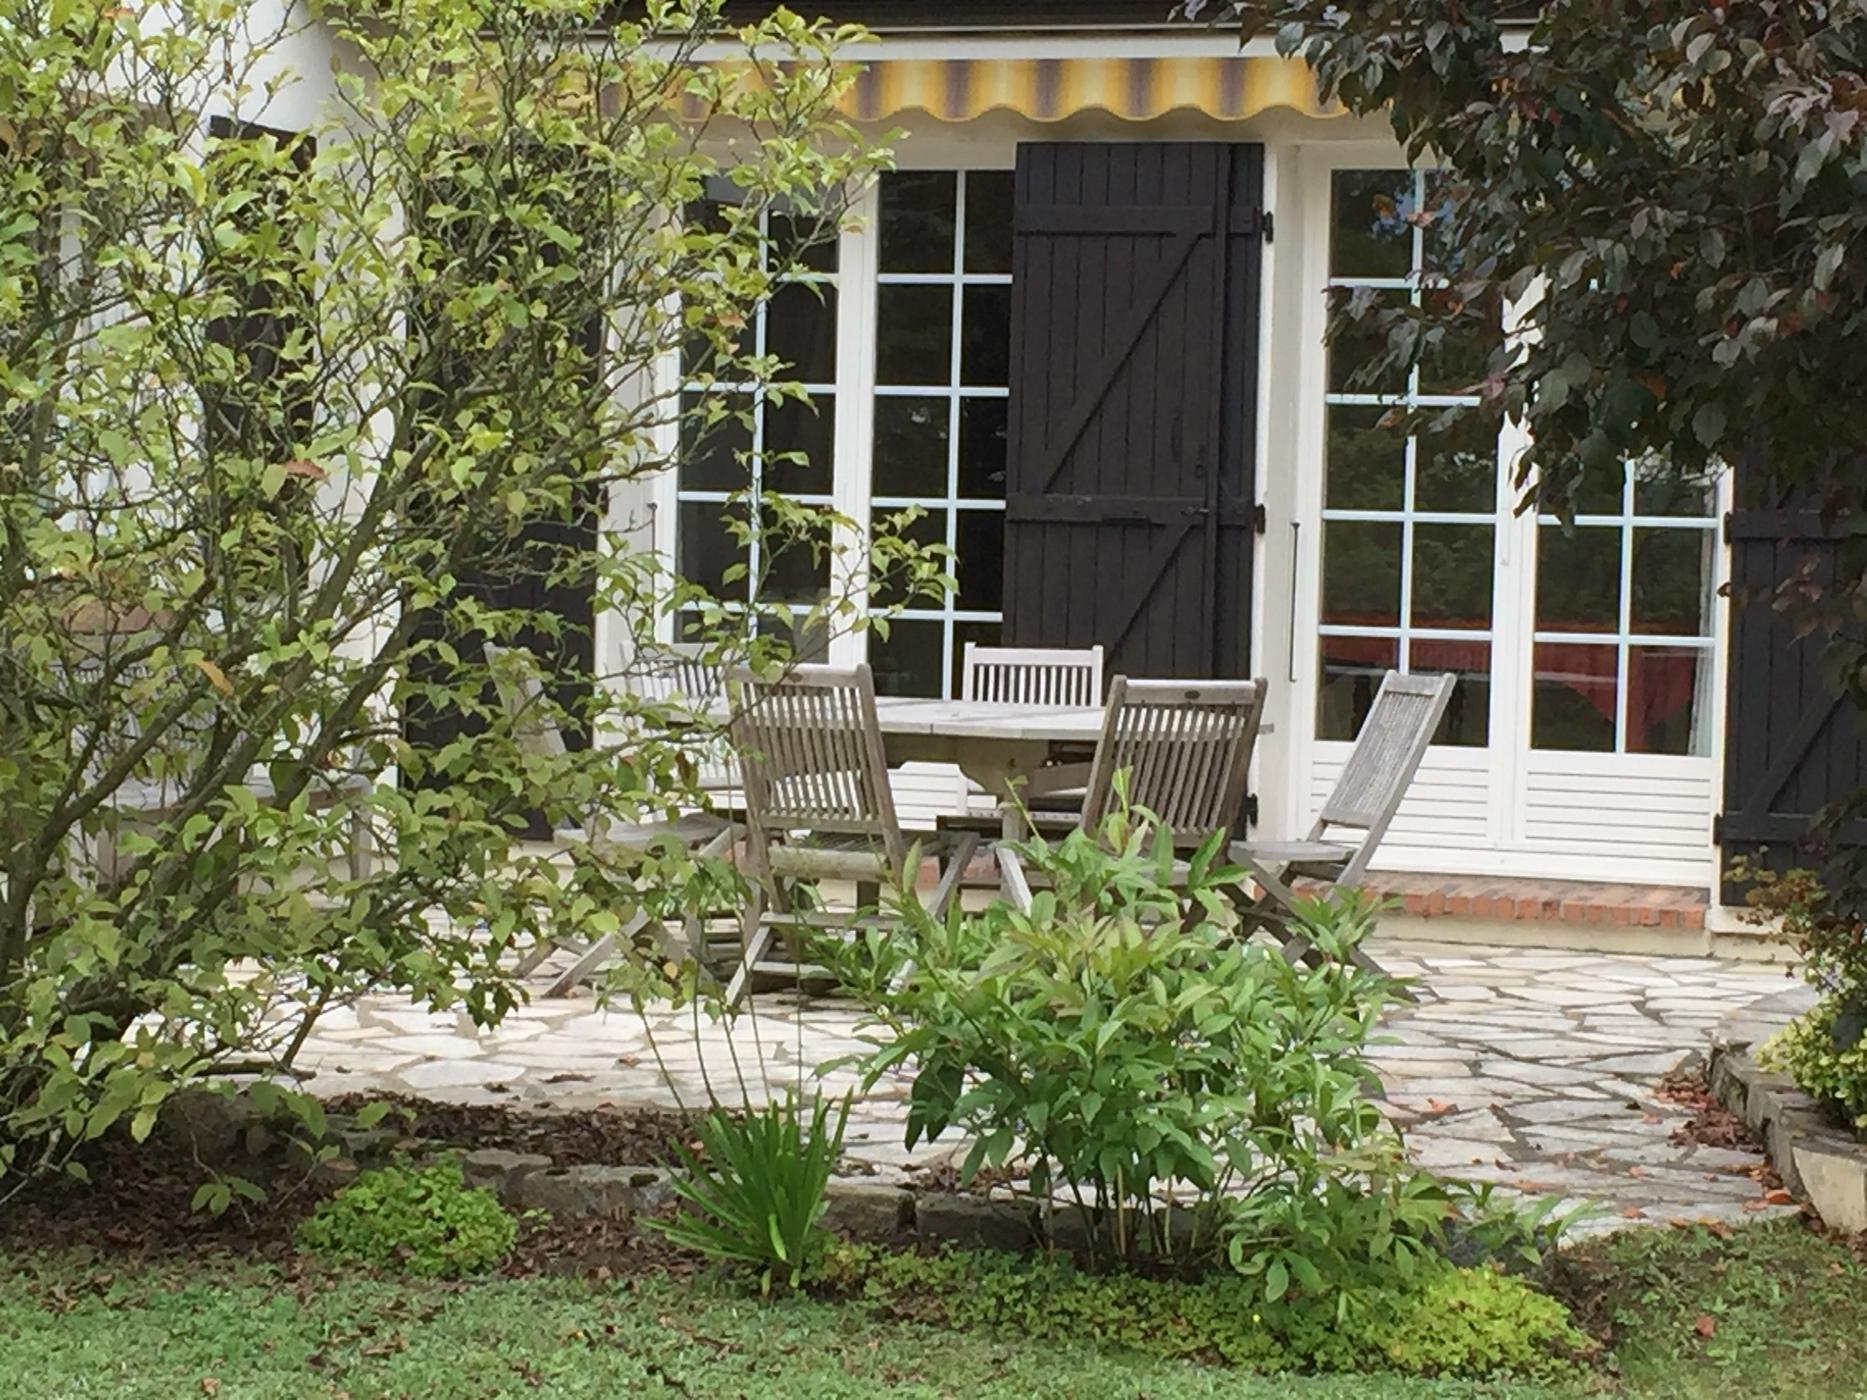 Acheter vente d 39 une maison contemporaine aux beaux volumes for Acheter une maison comptant